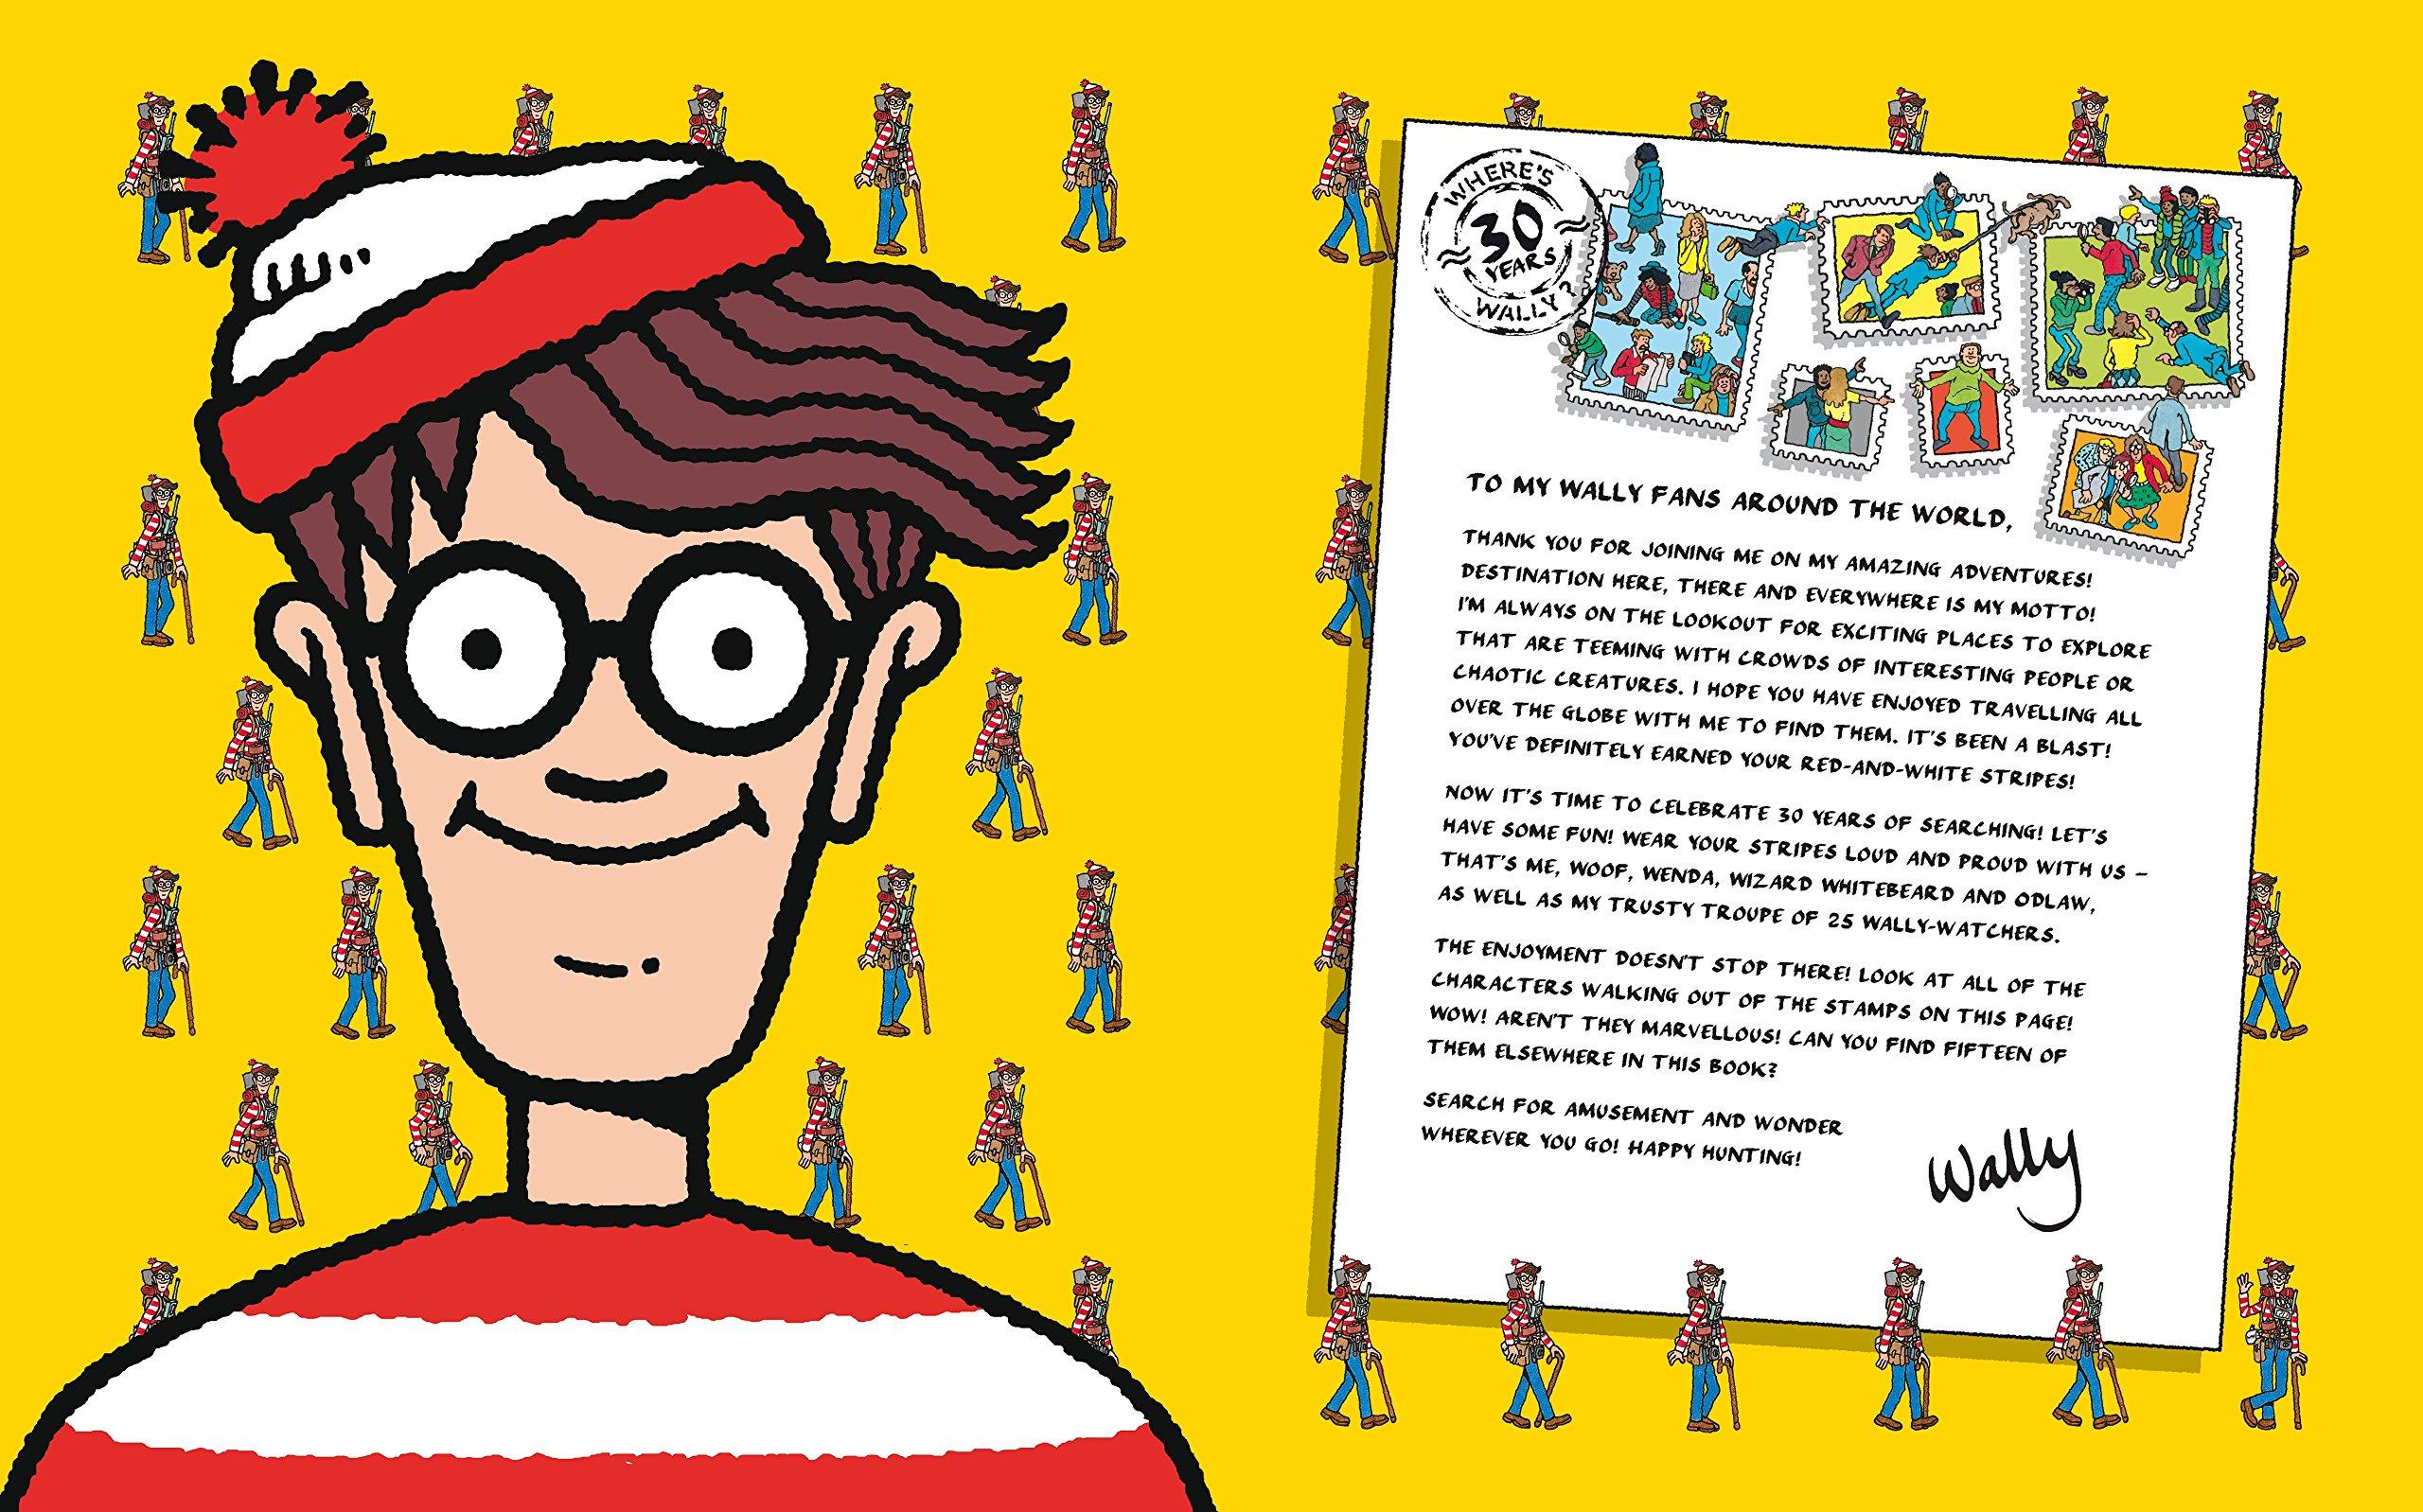 Wheres Wally?: Amazon.es: Martin Handford: Libros en idiomas extranjeros